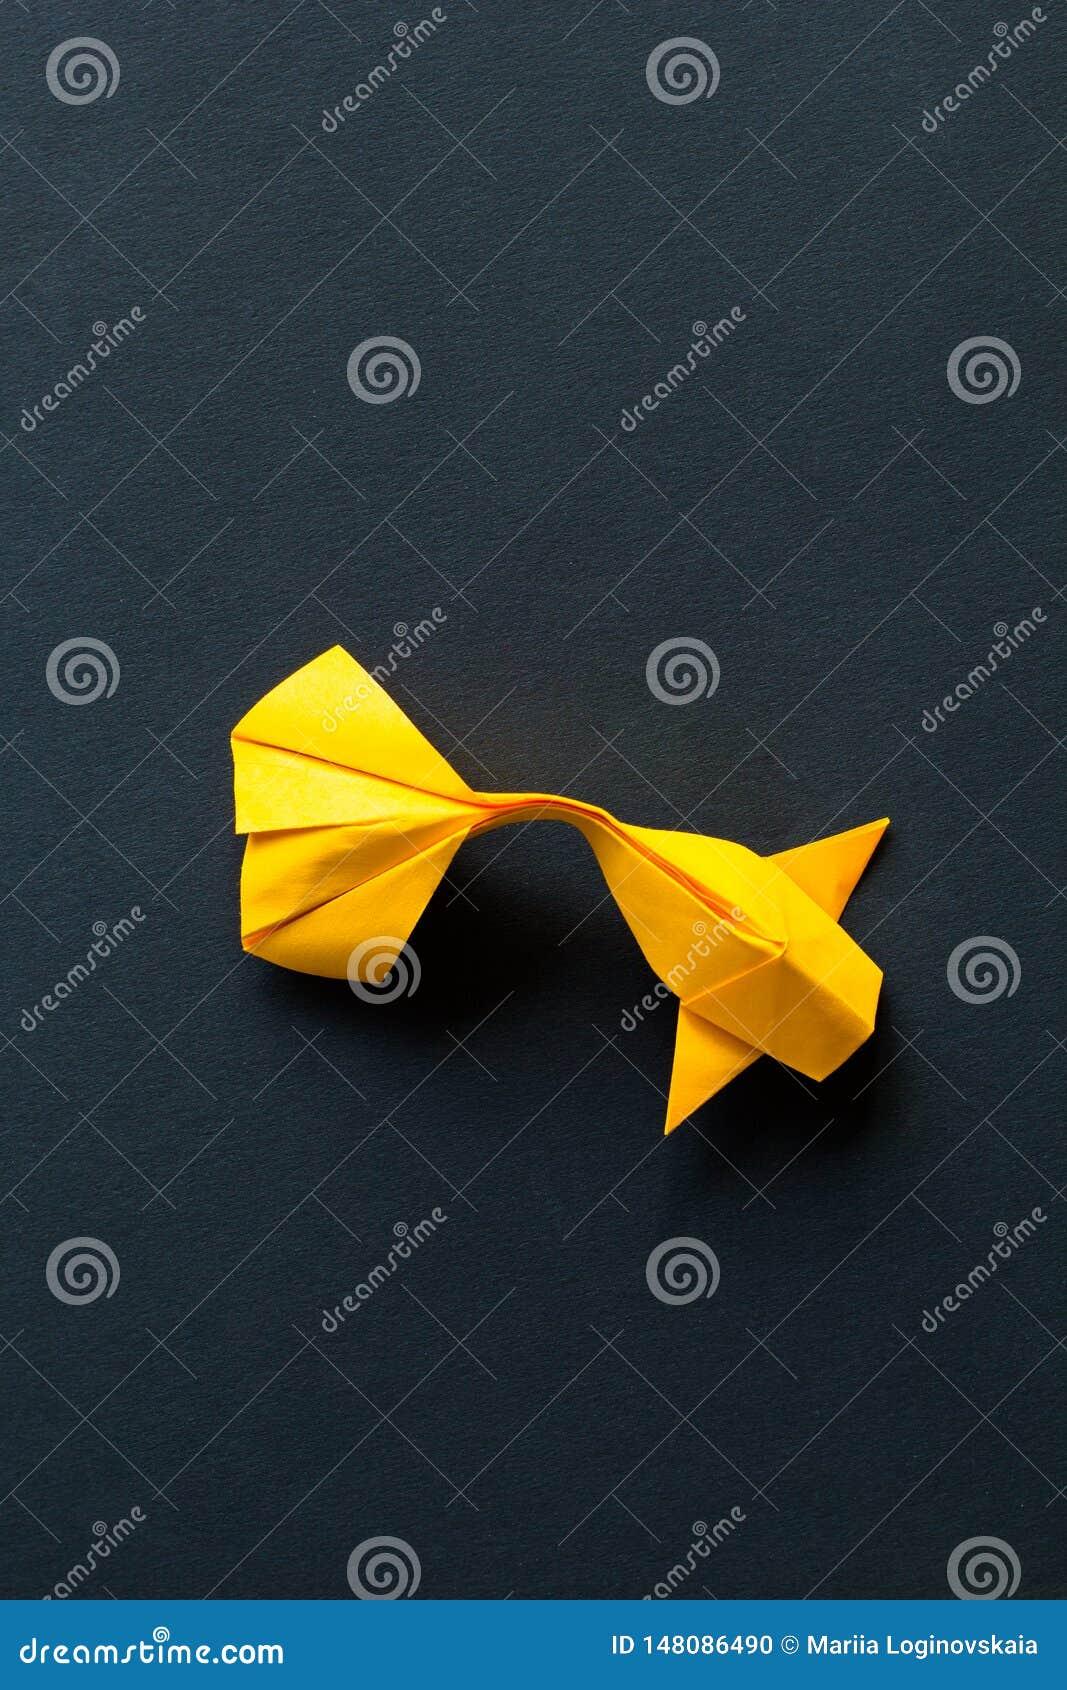 Ενιαία μόνα χειροποίητα εγγράφου τεχνών ψάρια κυπρίνων koi origami χρυσά ή κίτρινα στο μαύρο υπόβαθρο Τοπ άποψη, centeral plece